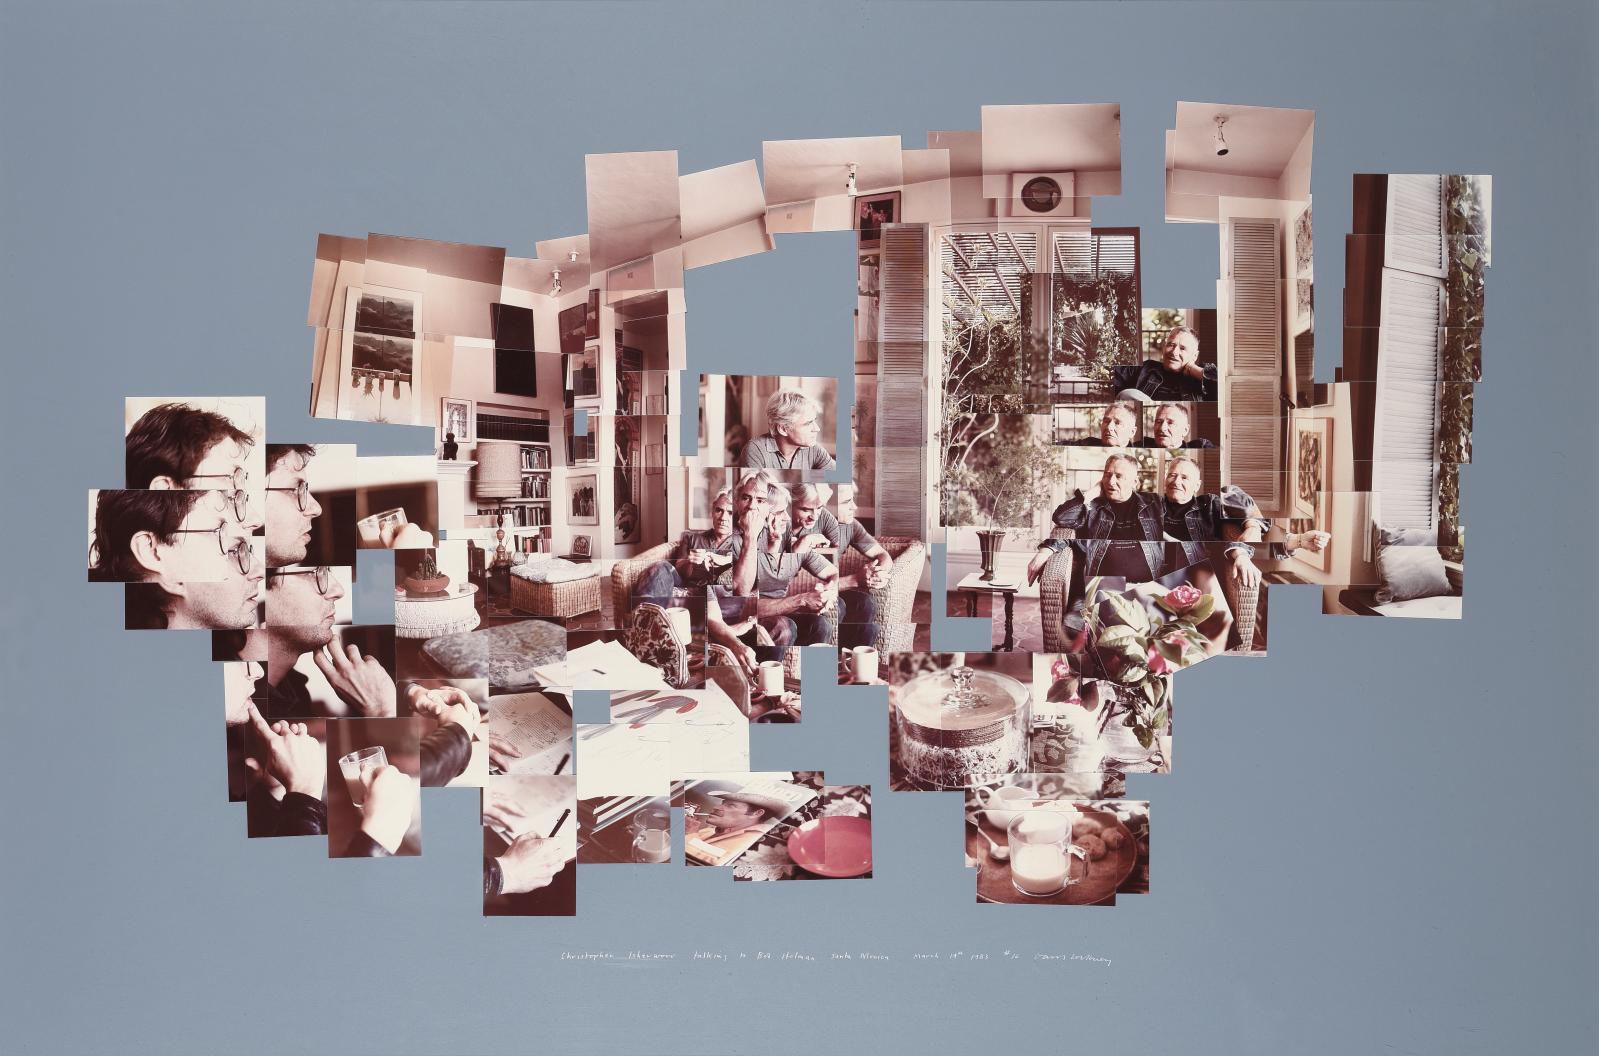 David Hockney (né en 1937), Christopher Isherwood Talking to Bob Holman, 1983, photocollage sur papier monté sur panneau, signé, titré, da